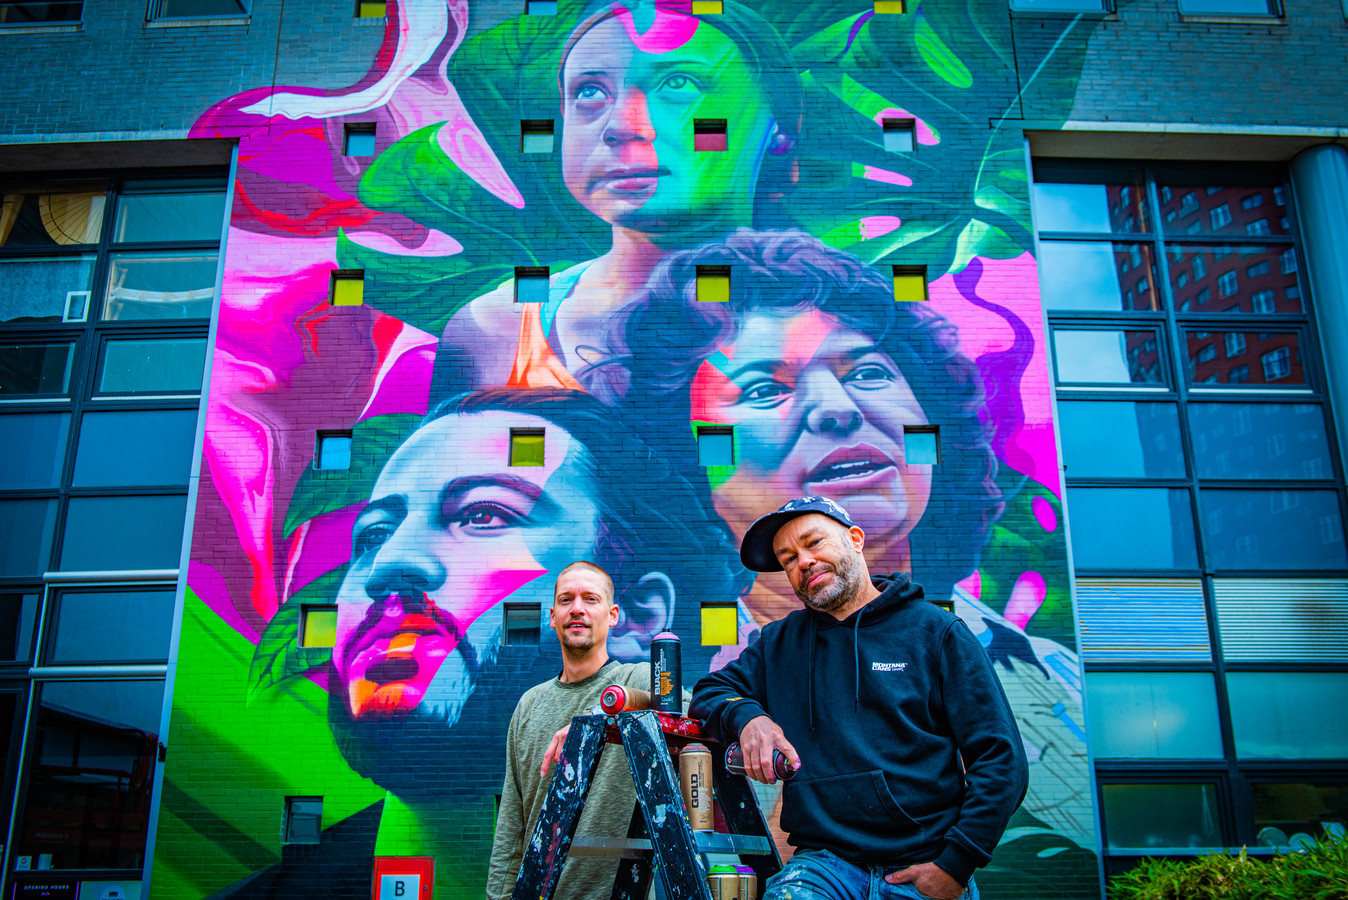 Karski & Beyond hebben een graffitikunstwerk met de gezichten van actisten Greta Thunberg, Berta Caceres en Vitály Safarov gemaakt.